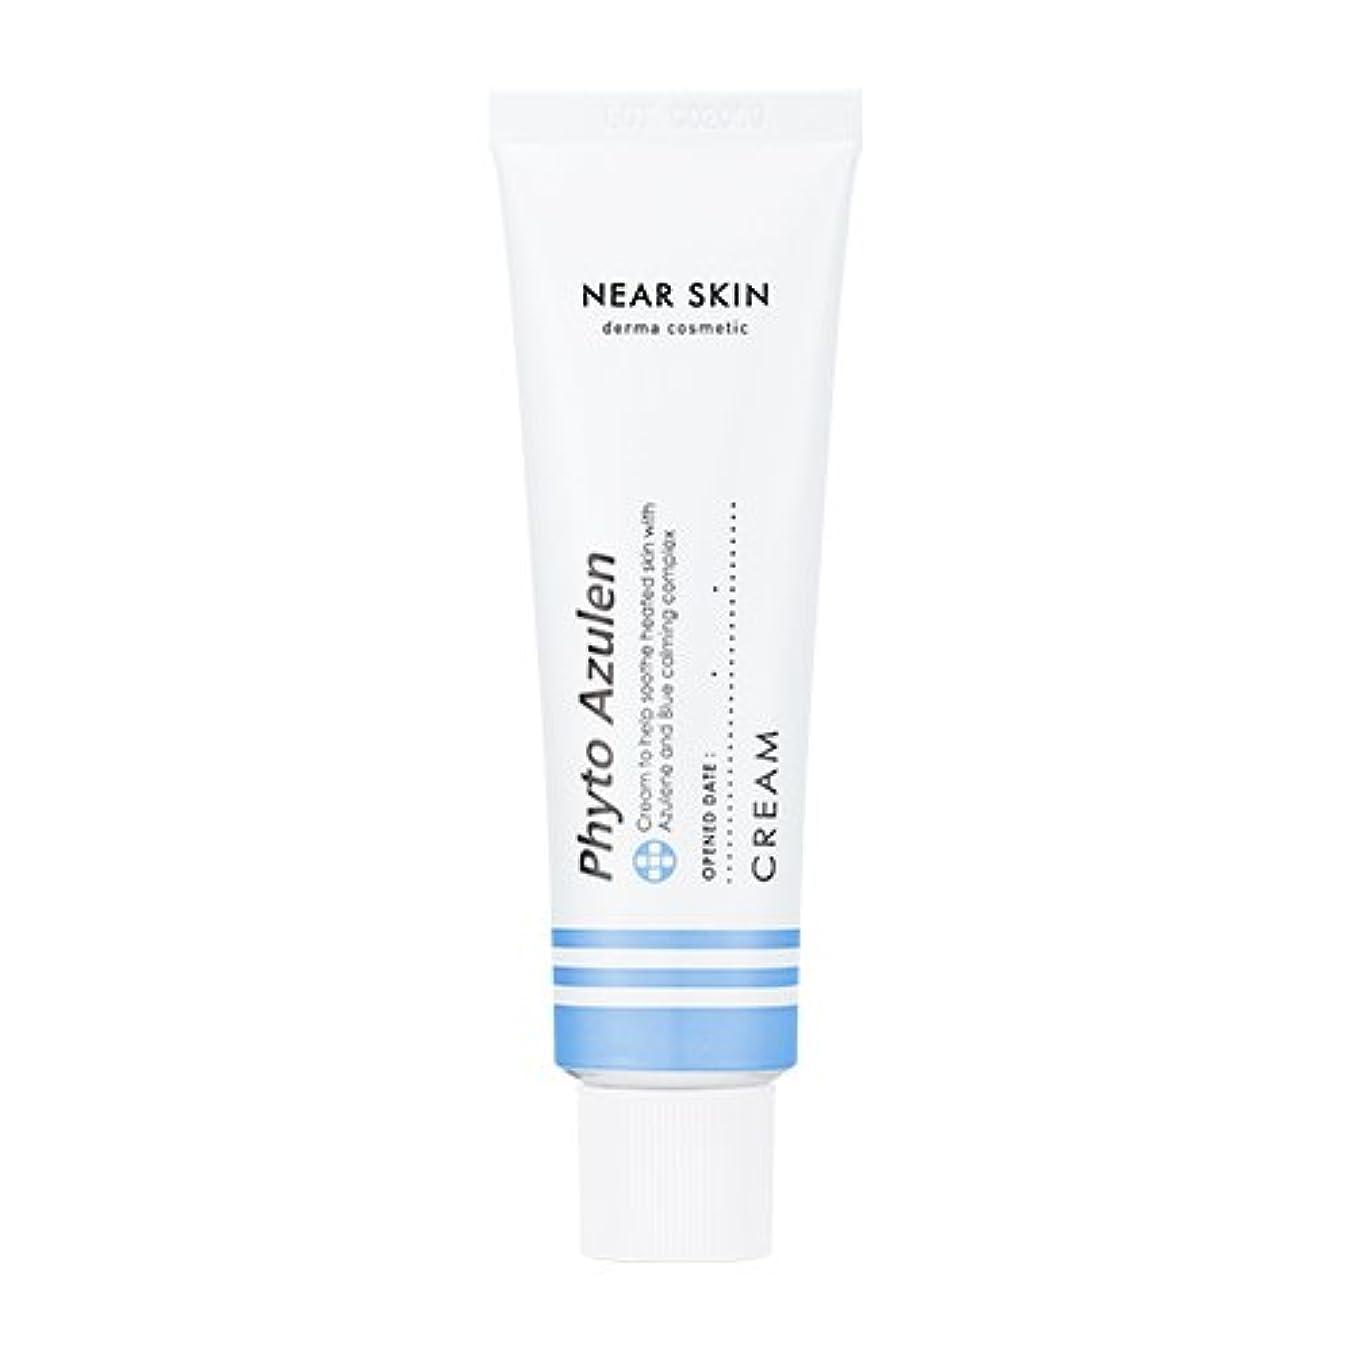 貼り直す唯一機械的MISSHA [NEAR SKIN] Phyto Azulen Cream/ミシャ ニアスキン フィトアズレンクリーム 50ml [並行輸入品]